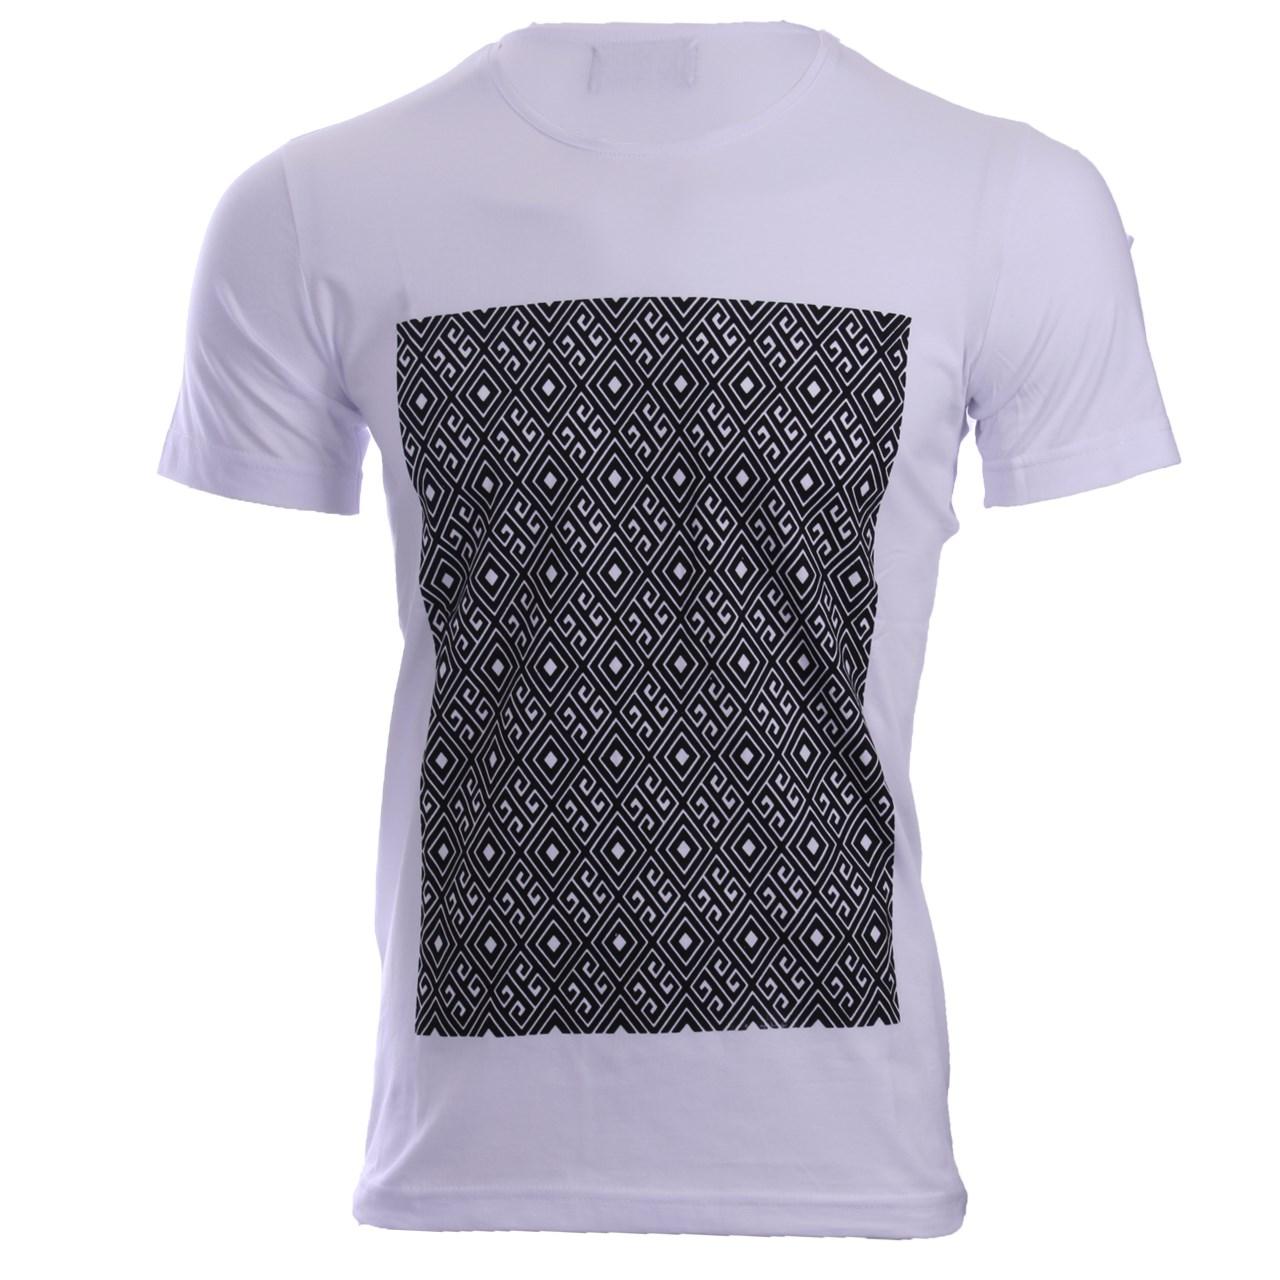 تی شرت مردانه NORTHS REPUBLIC کدT31